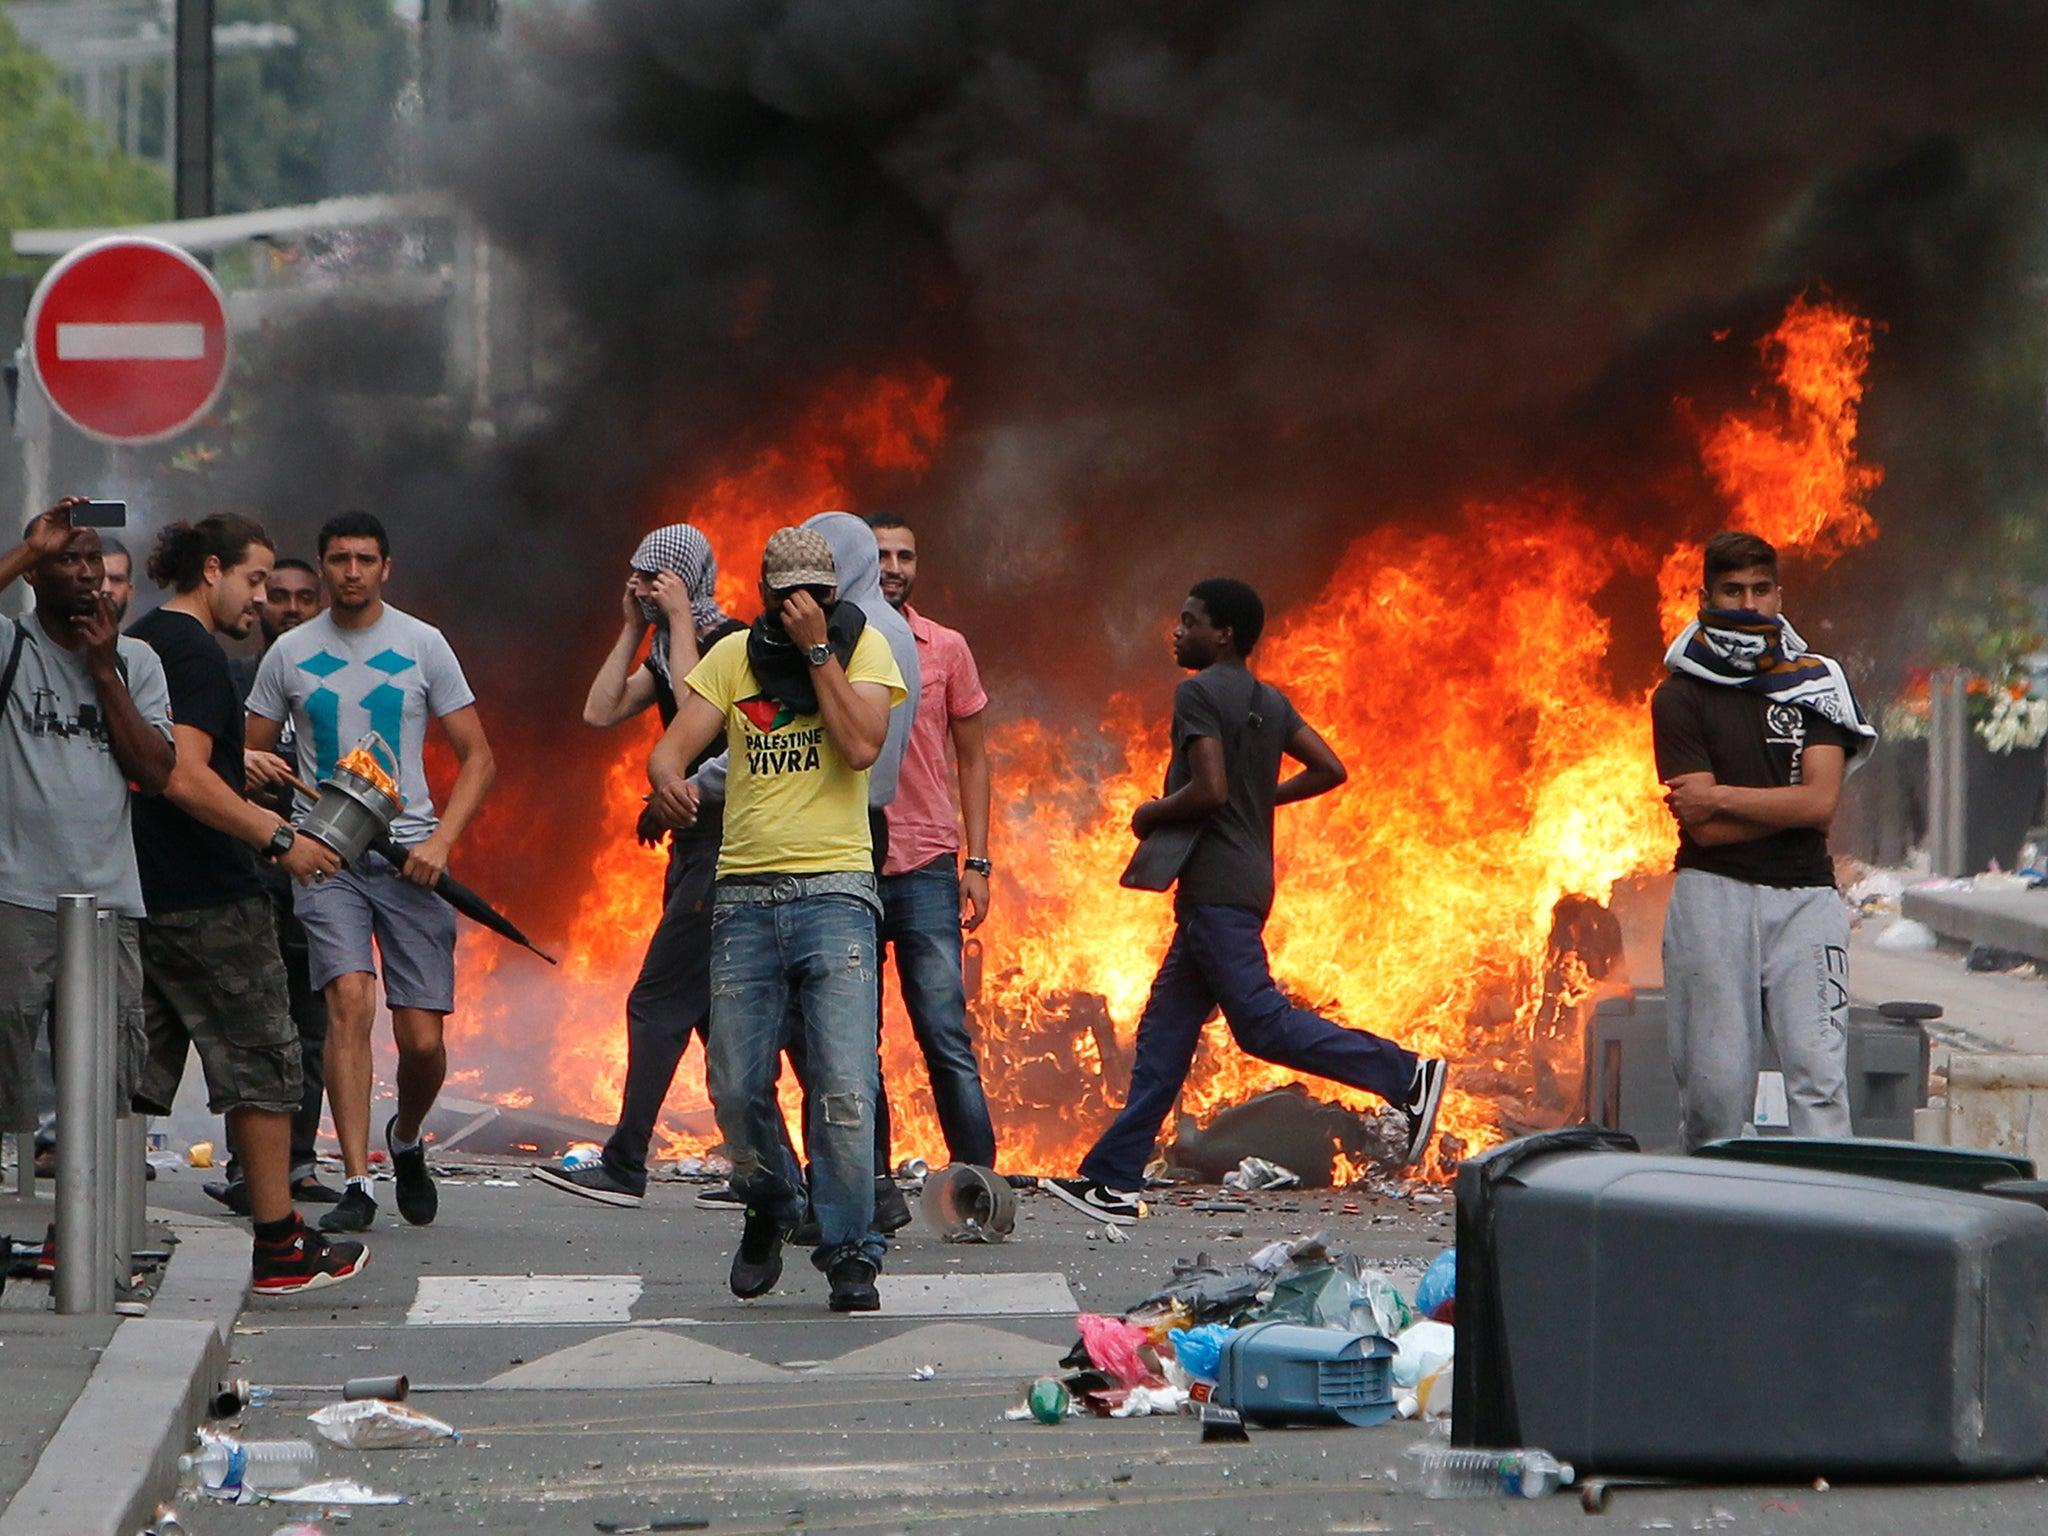 https://static.independent.co.uk/s3fs-public/thumbnails/image/2014/07/21/09/paris-riots-1.jpg